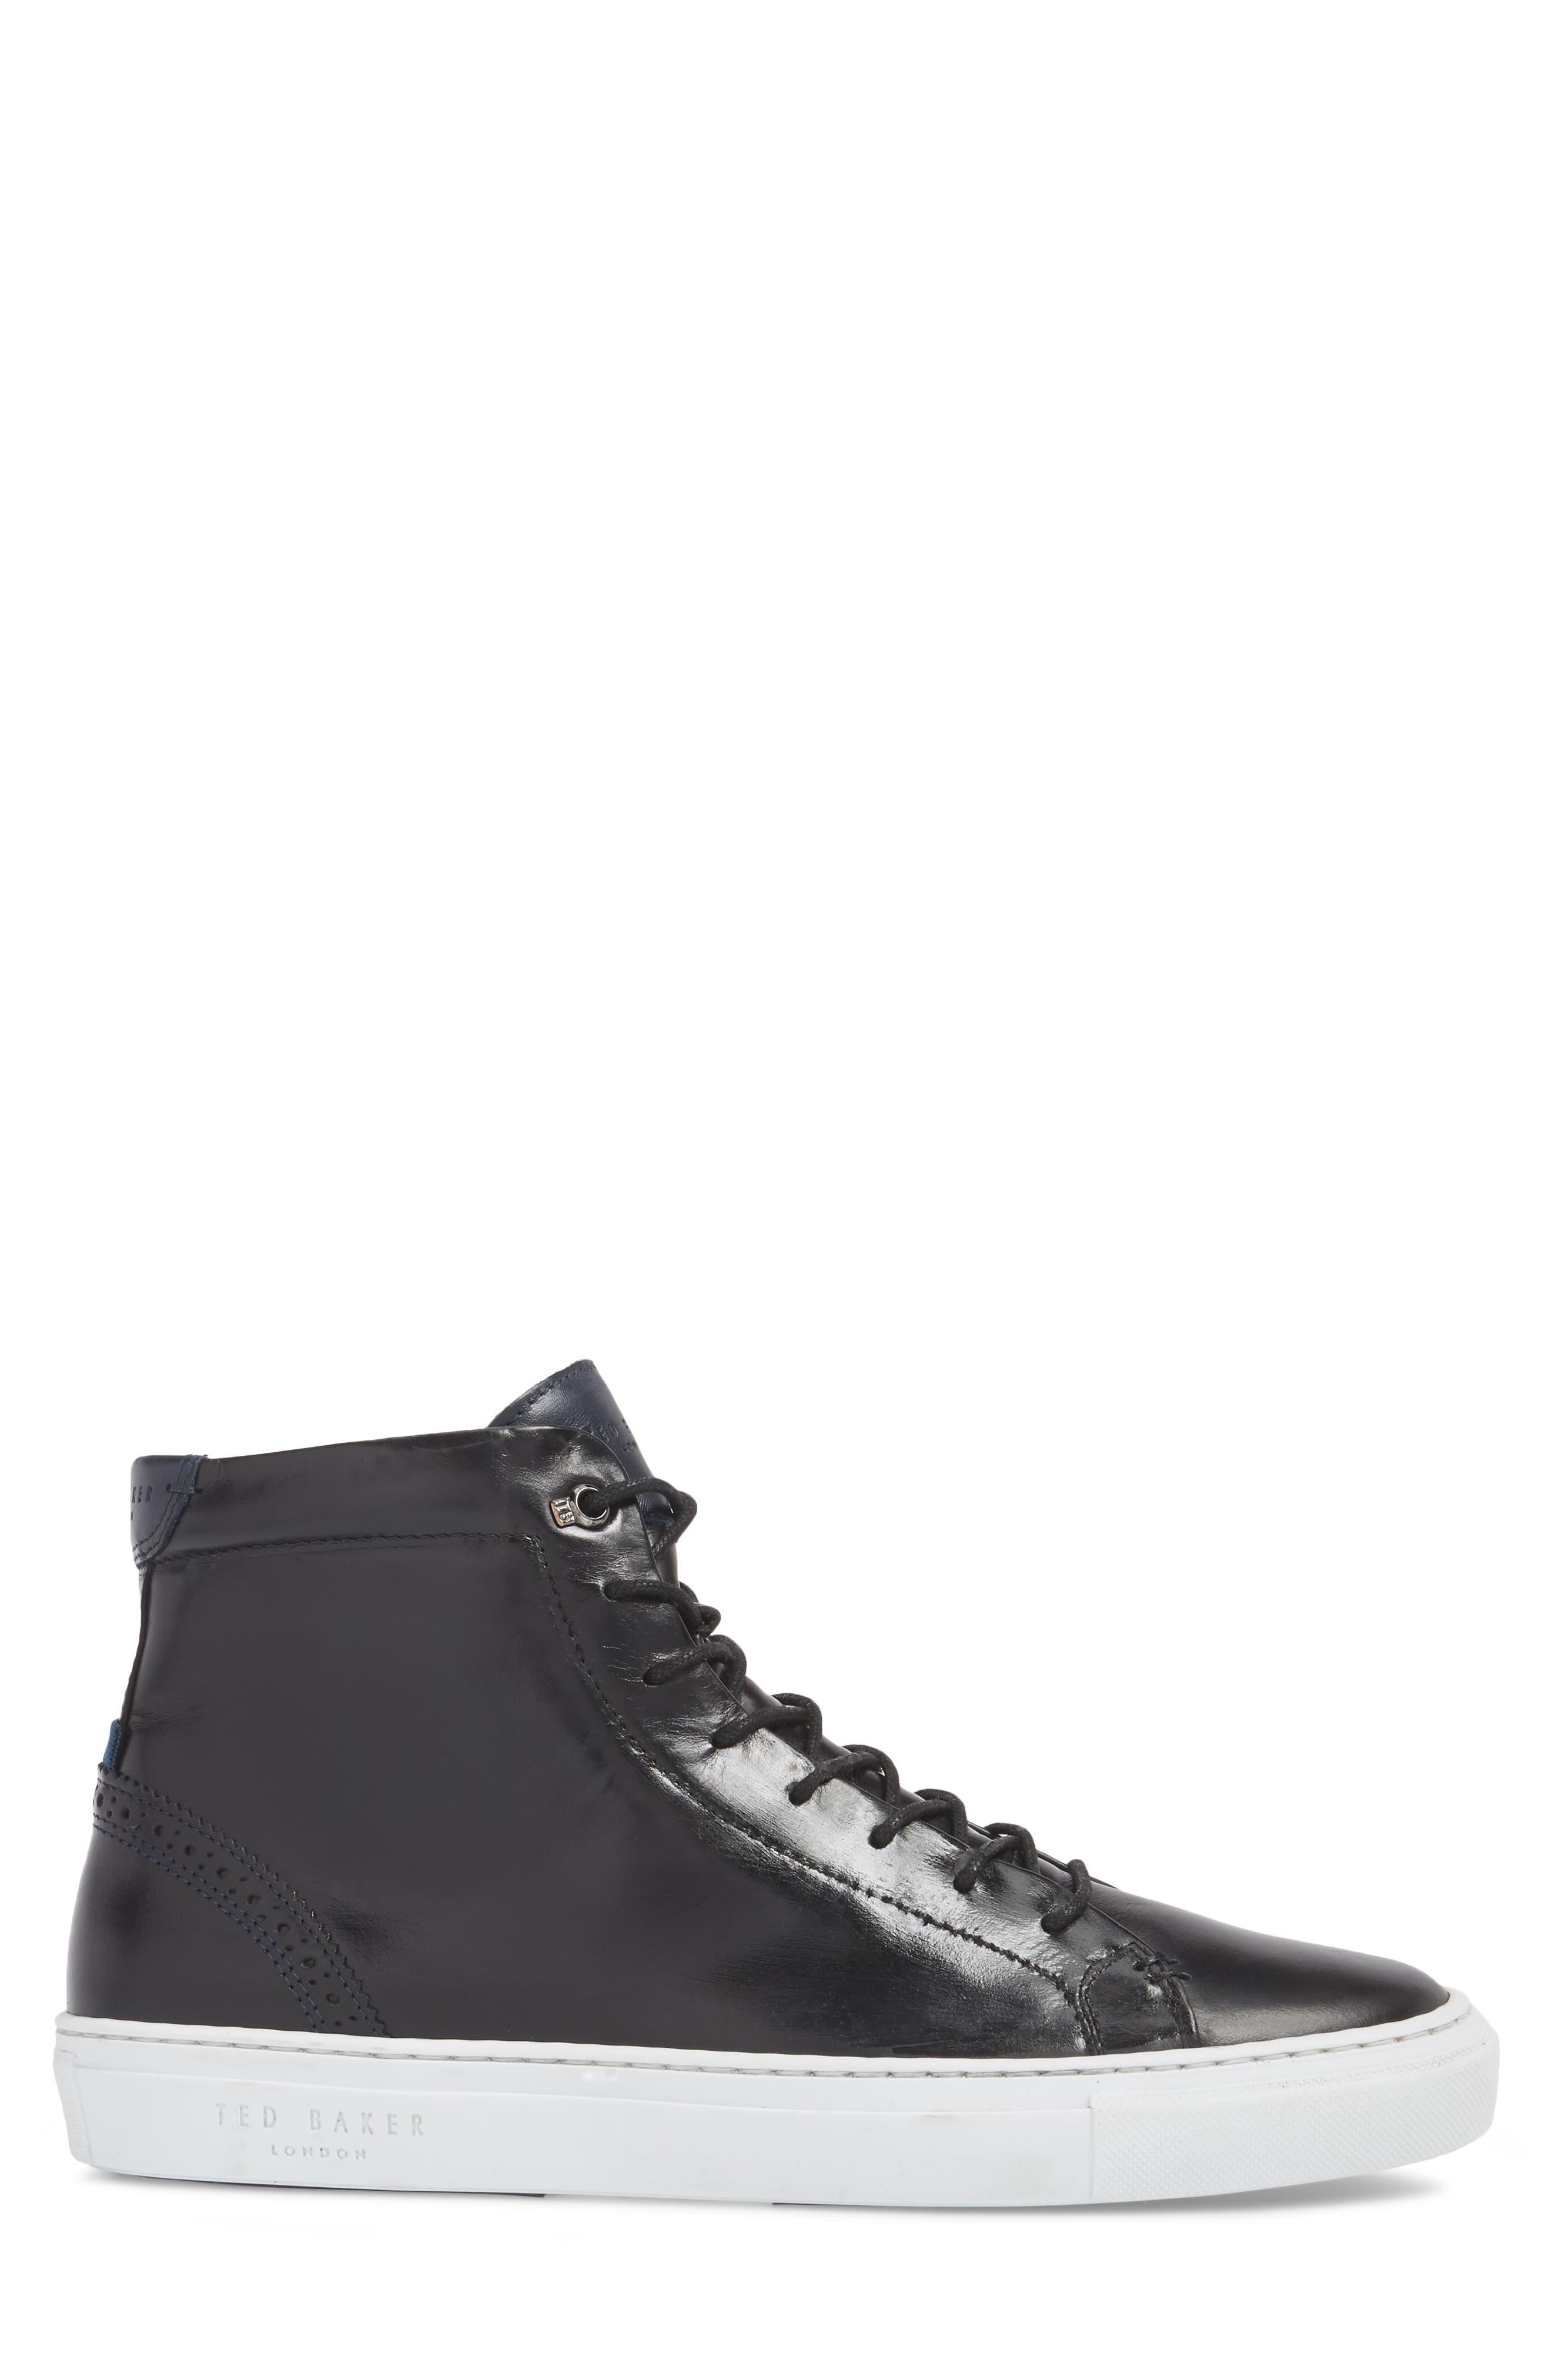 Monerkk High Top Sneaker,                             Alternate thumbnail 3, color,                             Black Leather